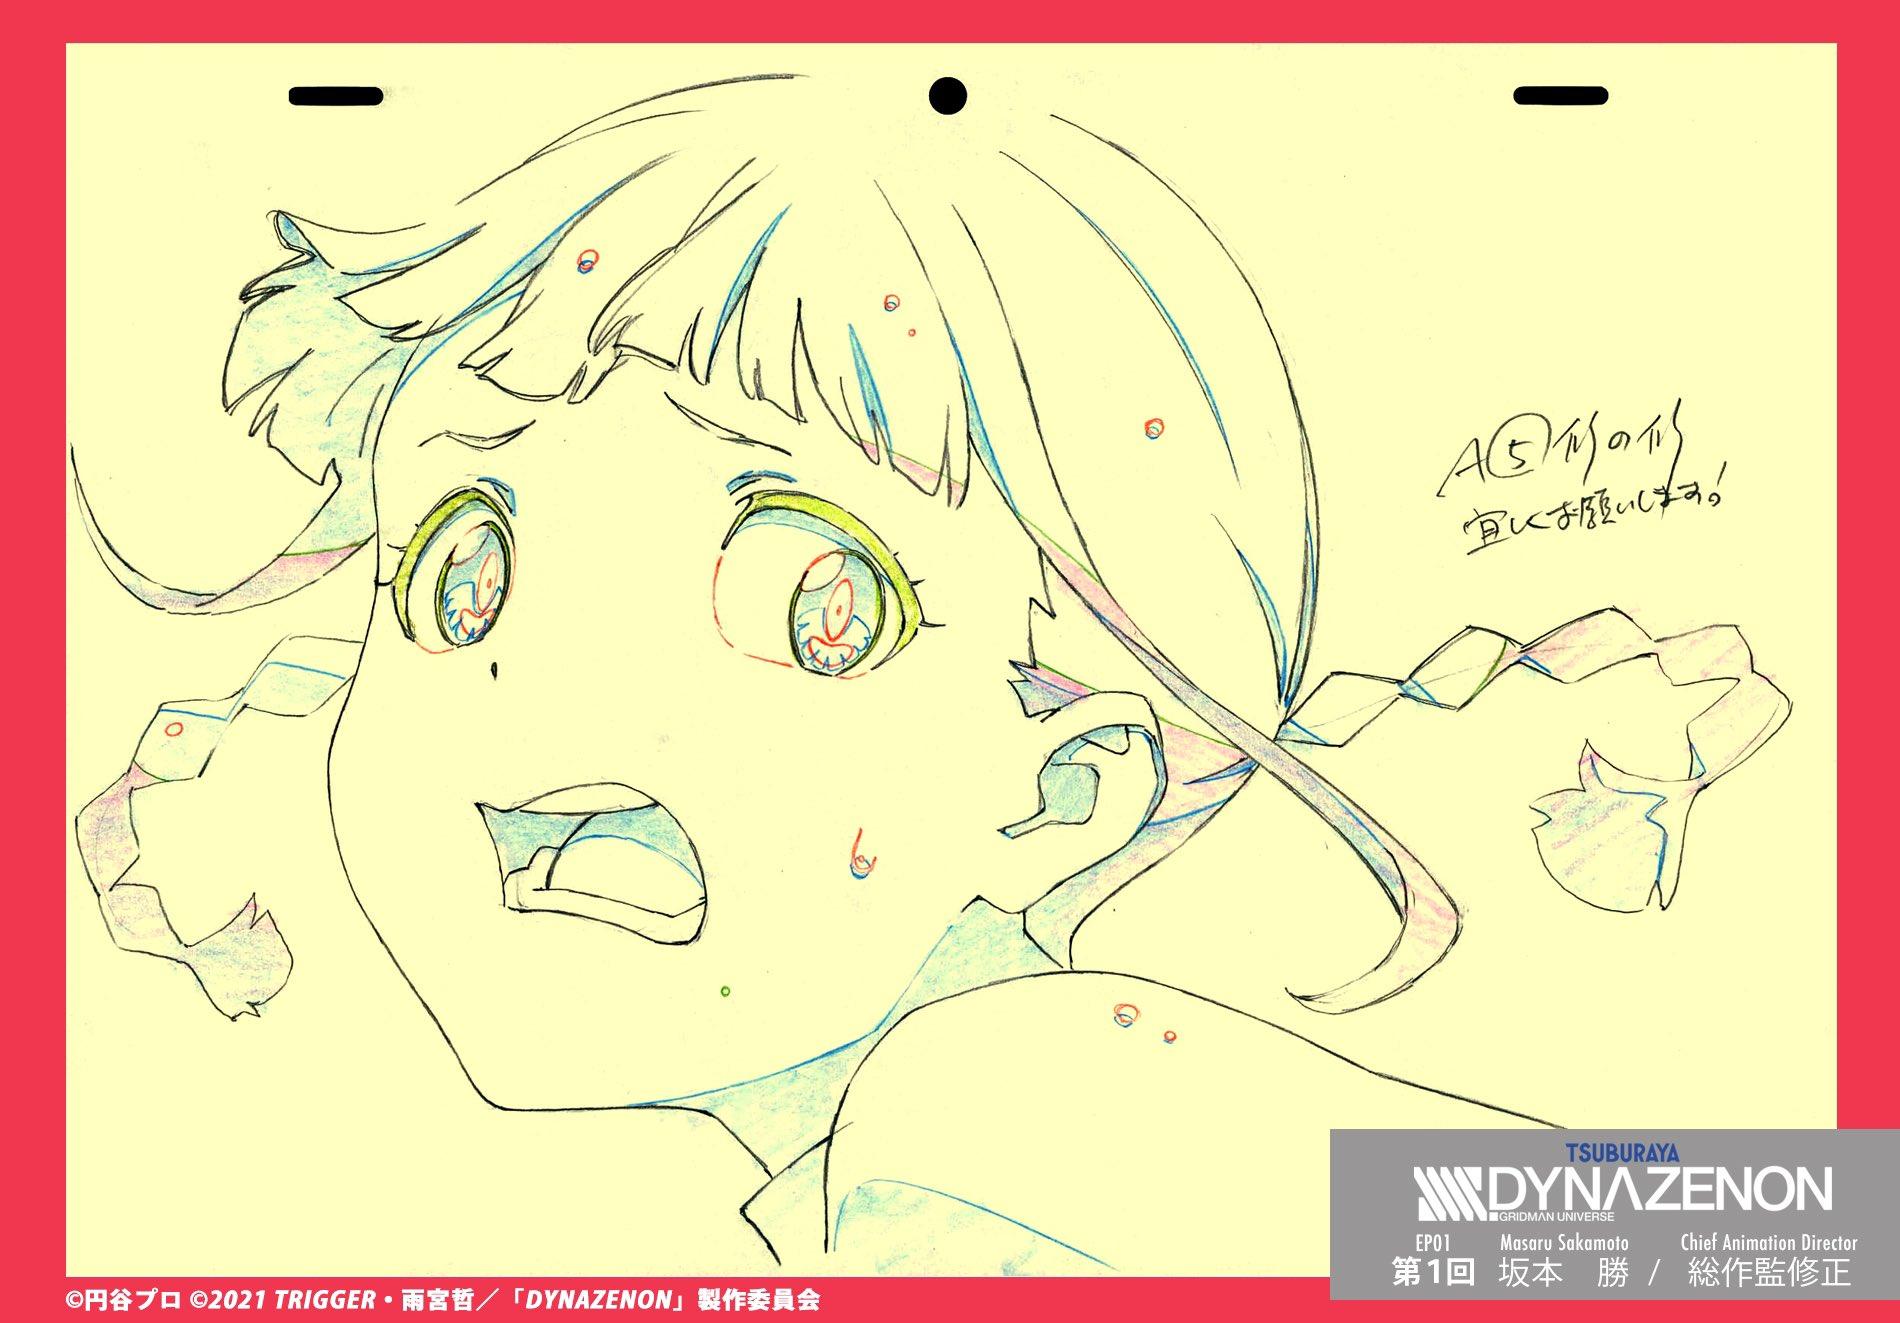 SSSS.Dynazenon 01 - Key Animation